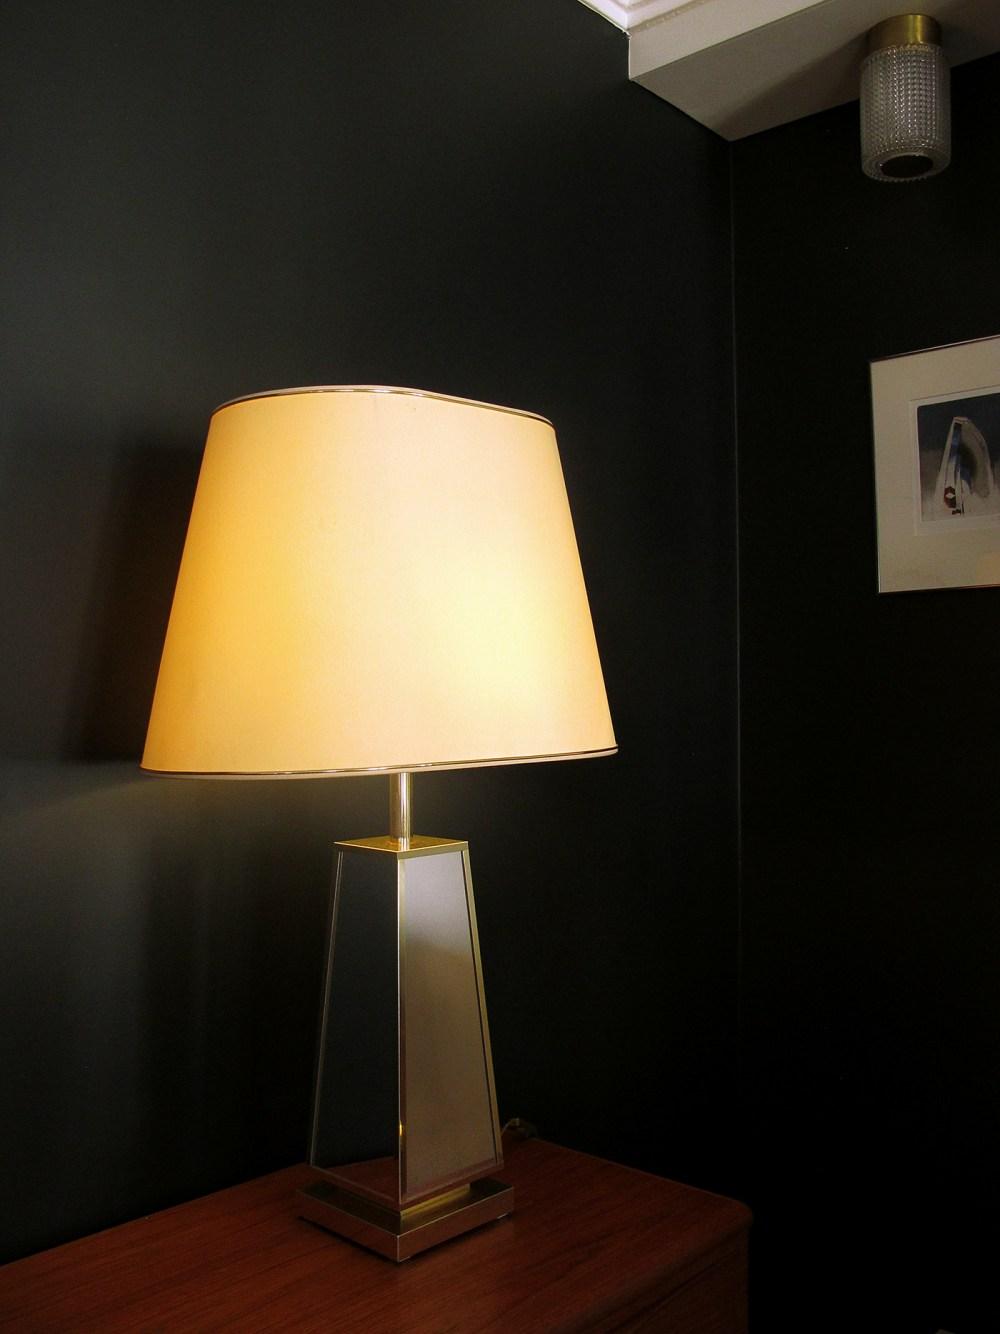 lampe de salon vintage roche bobois or et miroir des années 1970. Trouvée chez ltgmood.com spécialiste des luminaires vintage à paris